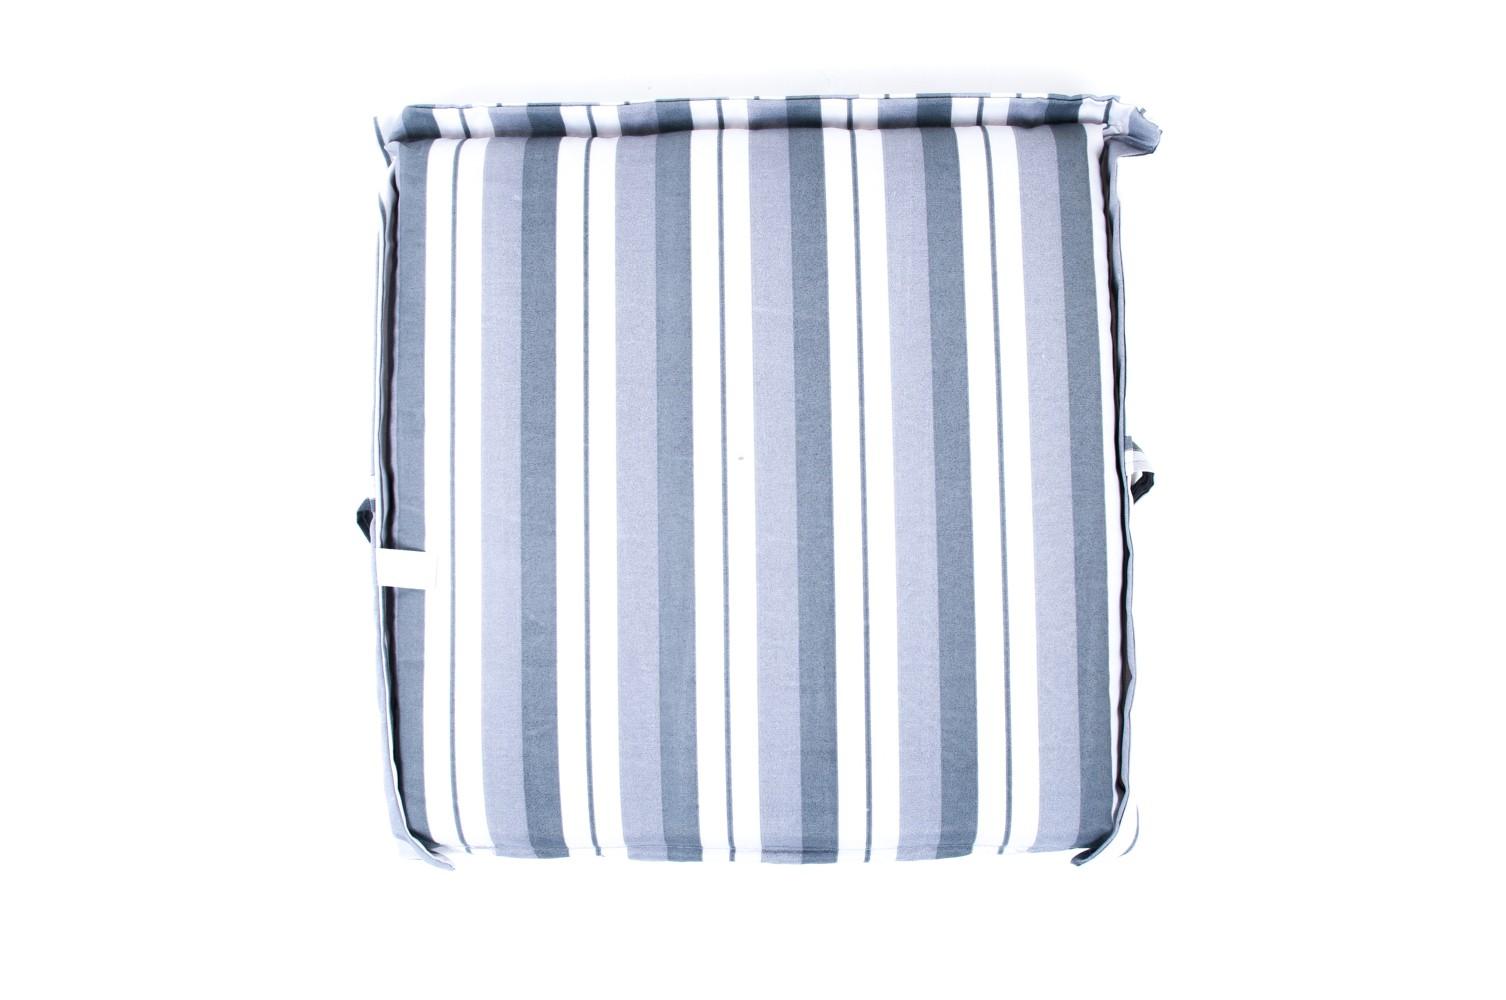 joy auflage f r hocker stuhl 50x50 cm stuhlkissen kissen sitzkissen sitzauflage ebay. Black Bedroom Furniture Sets. Home Design Ideas